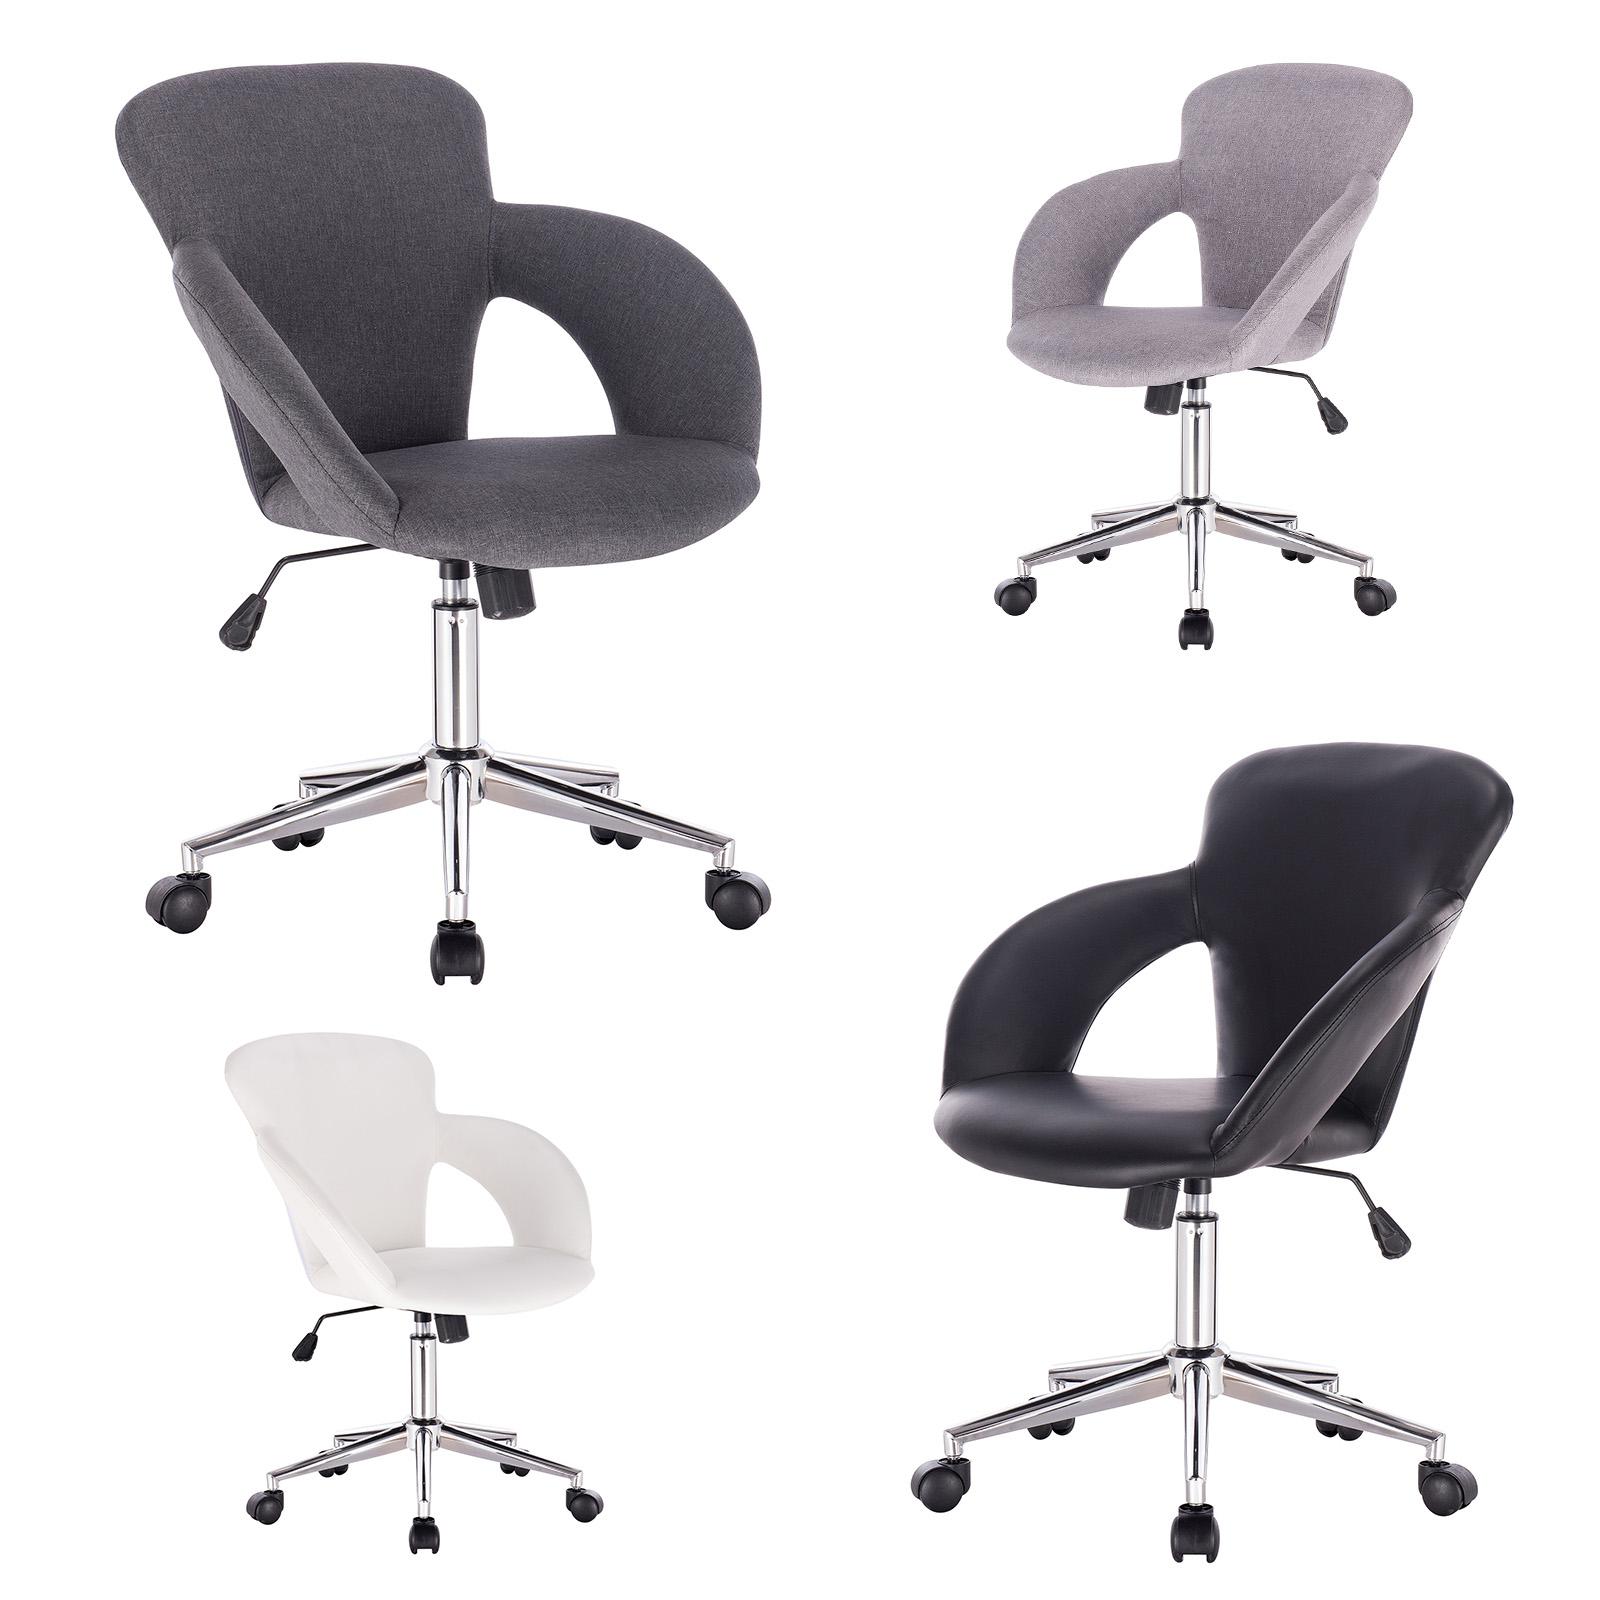 Details Zu Arbeitshocker Rollhocker Praxishocker Bürostuhl Drehstuhl Mit Armlehne 932 24